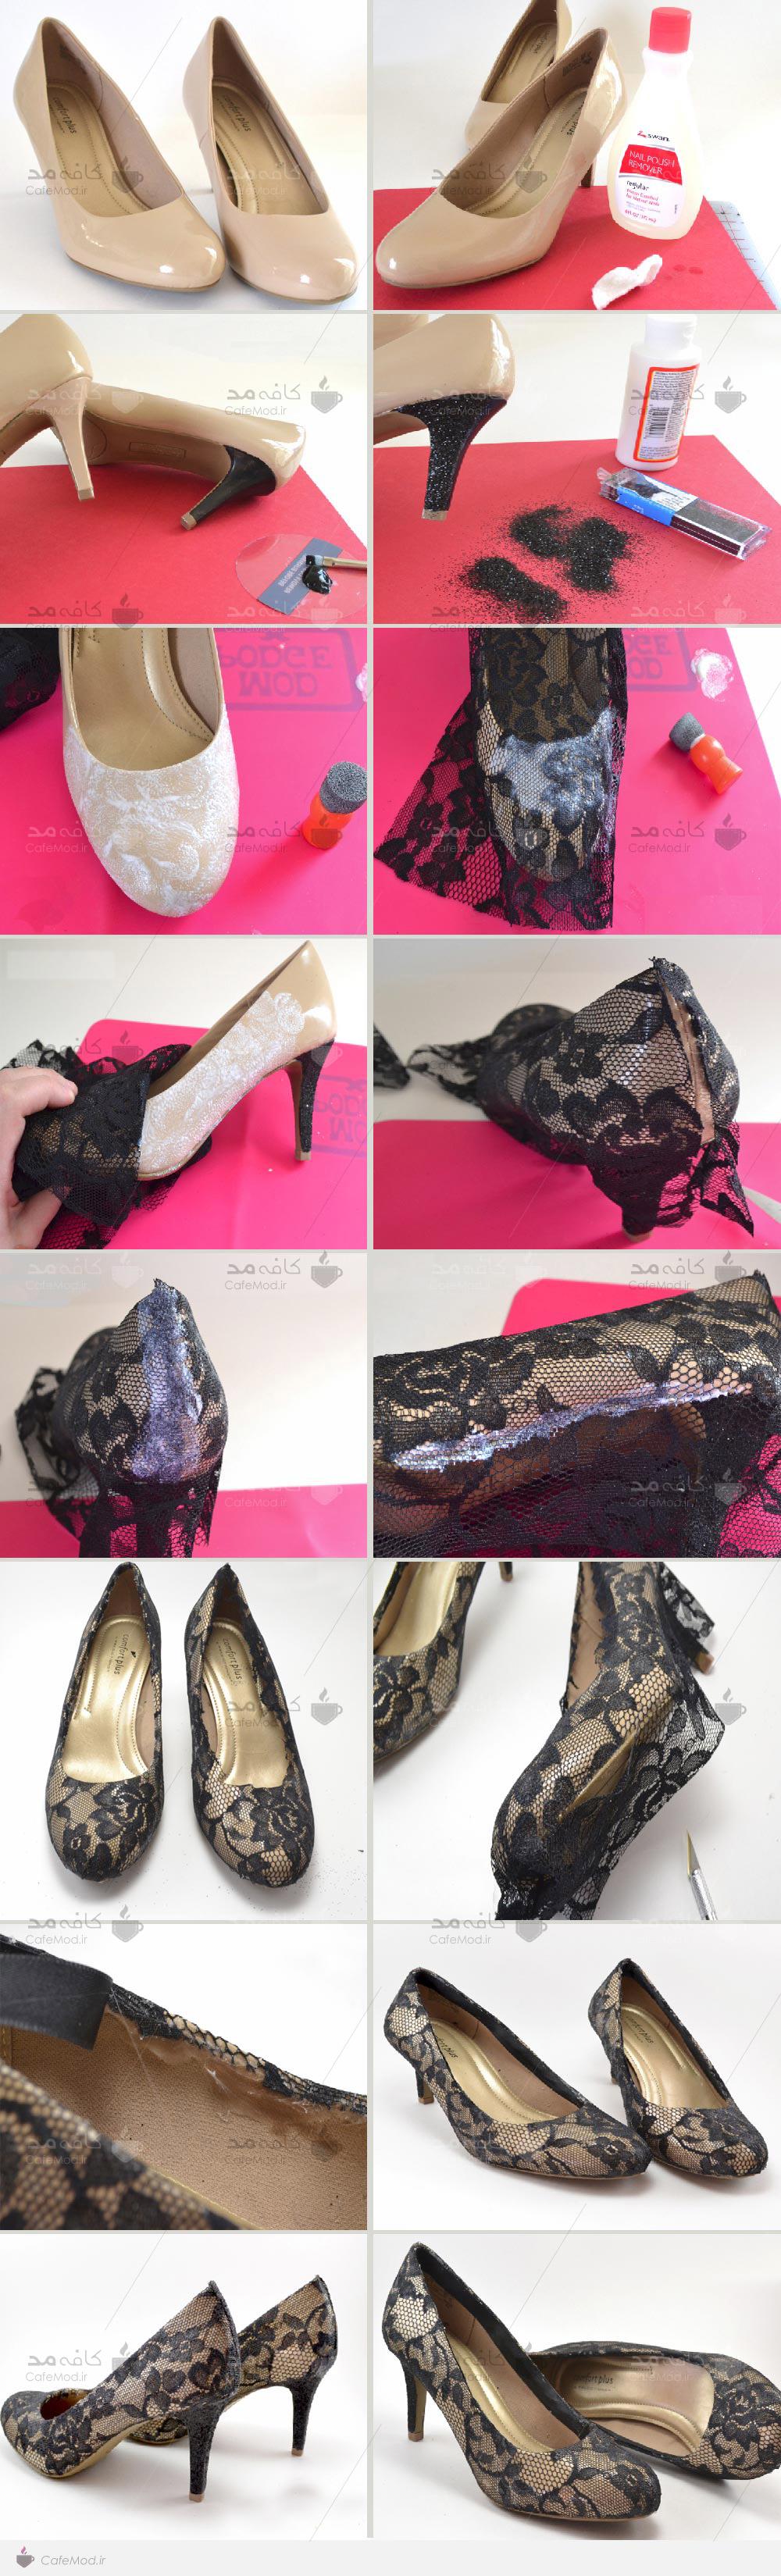 آموزش تزئین کفش با دانتل